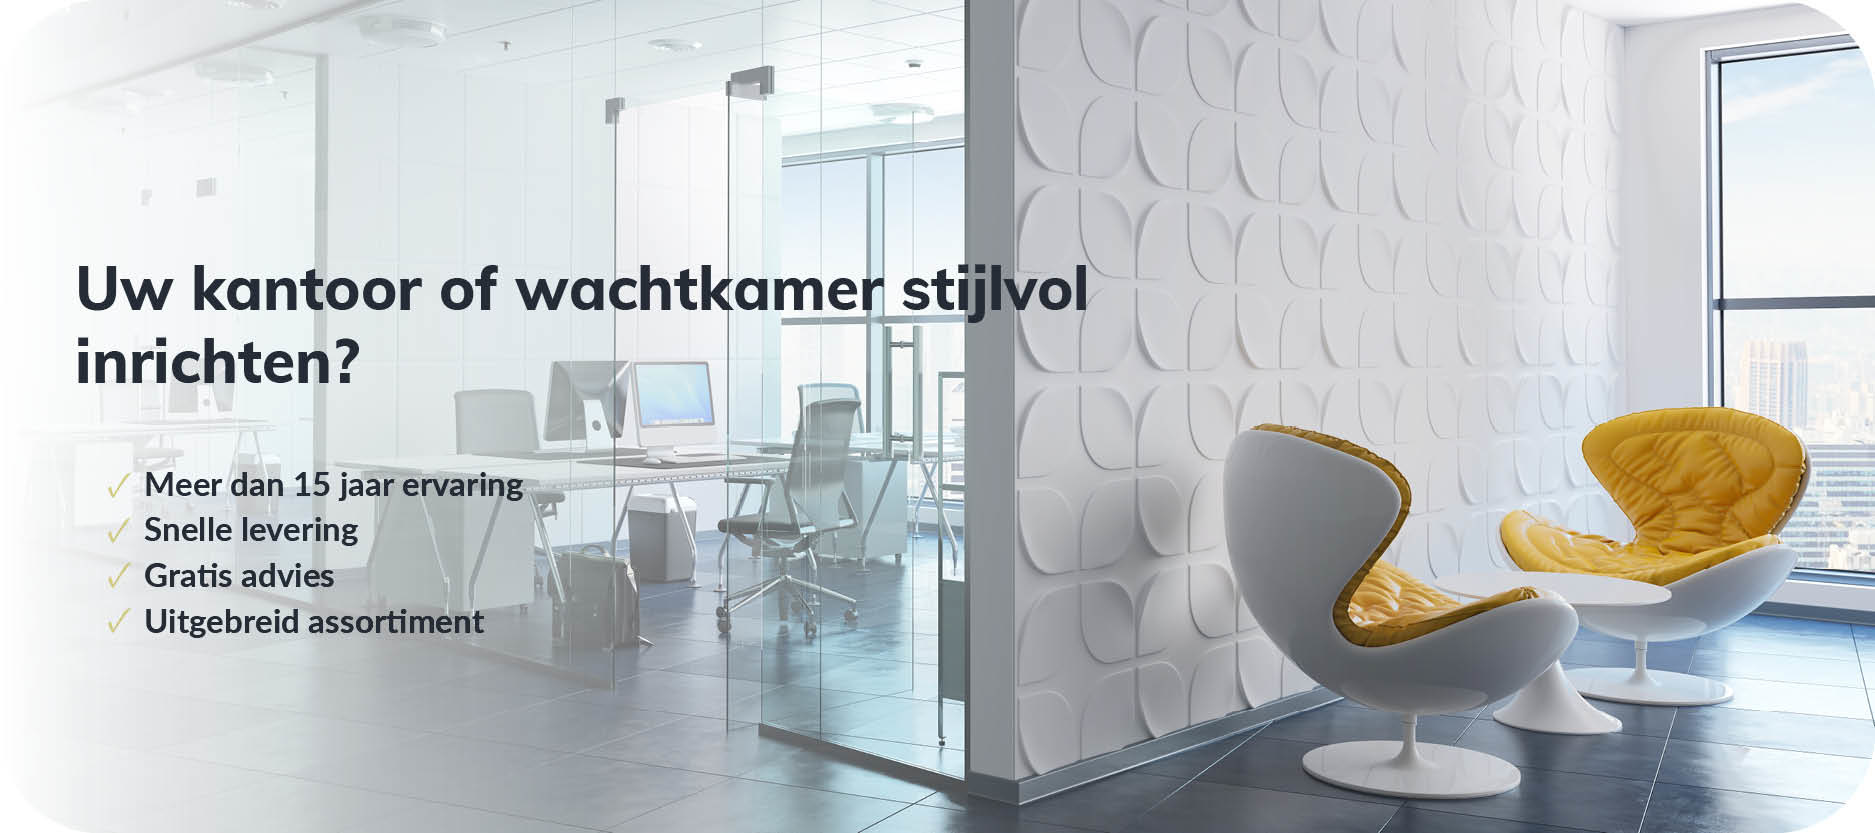 De inrichting van uw kantoor of wachtkamer - Brand New Office